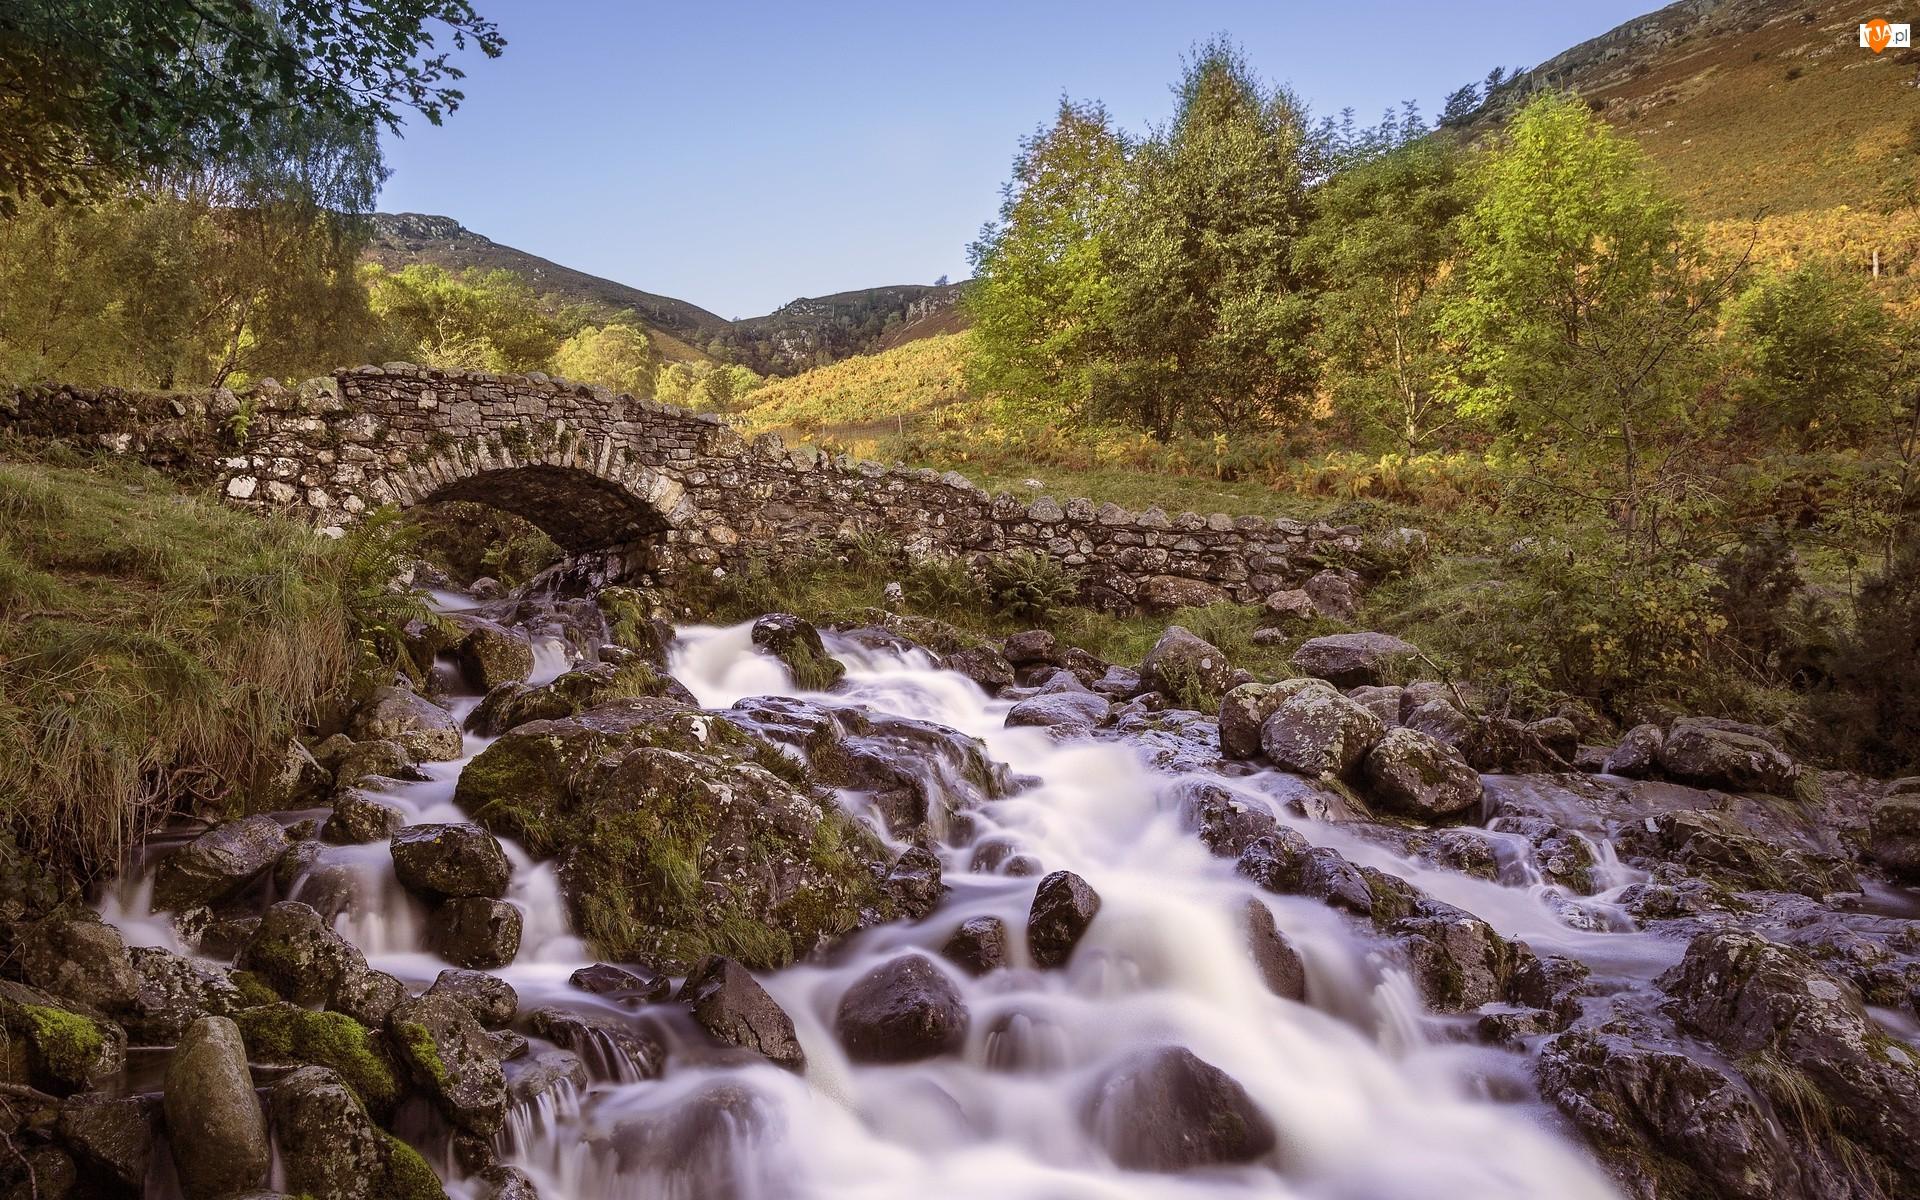 Mostek, Kamienie, Rzeka, Drzewa, Kamienny, Skały